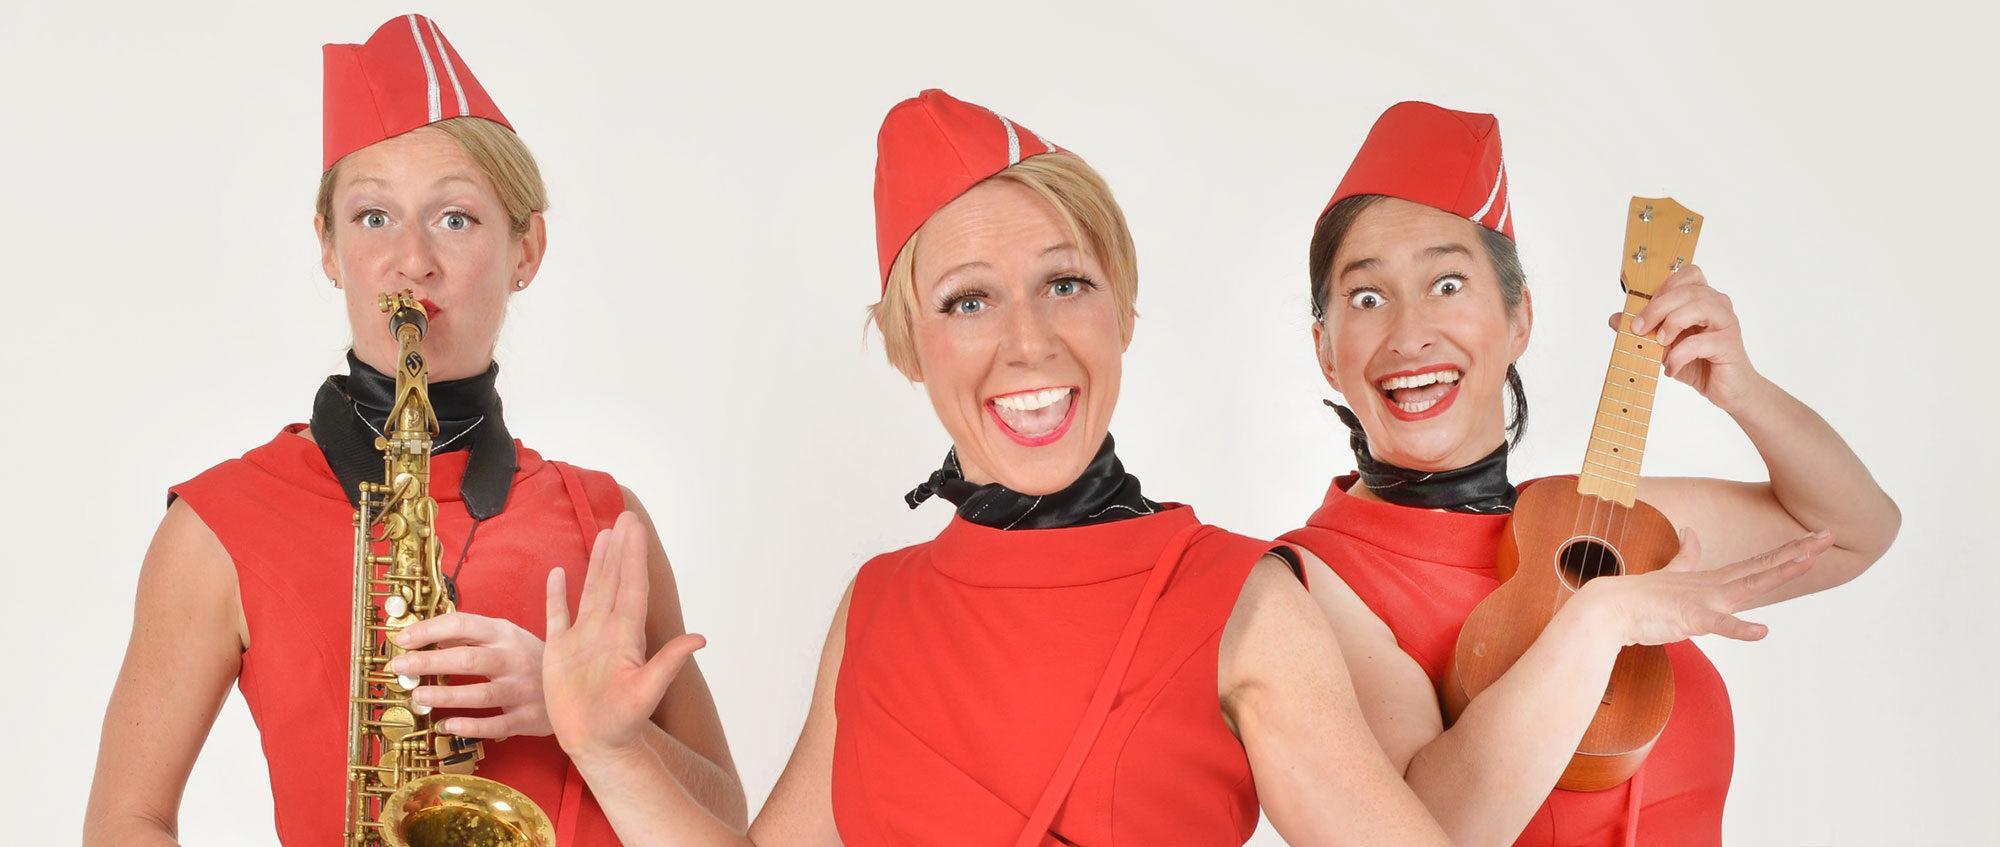 Die Comedy-Stewardessen